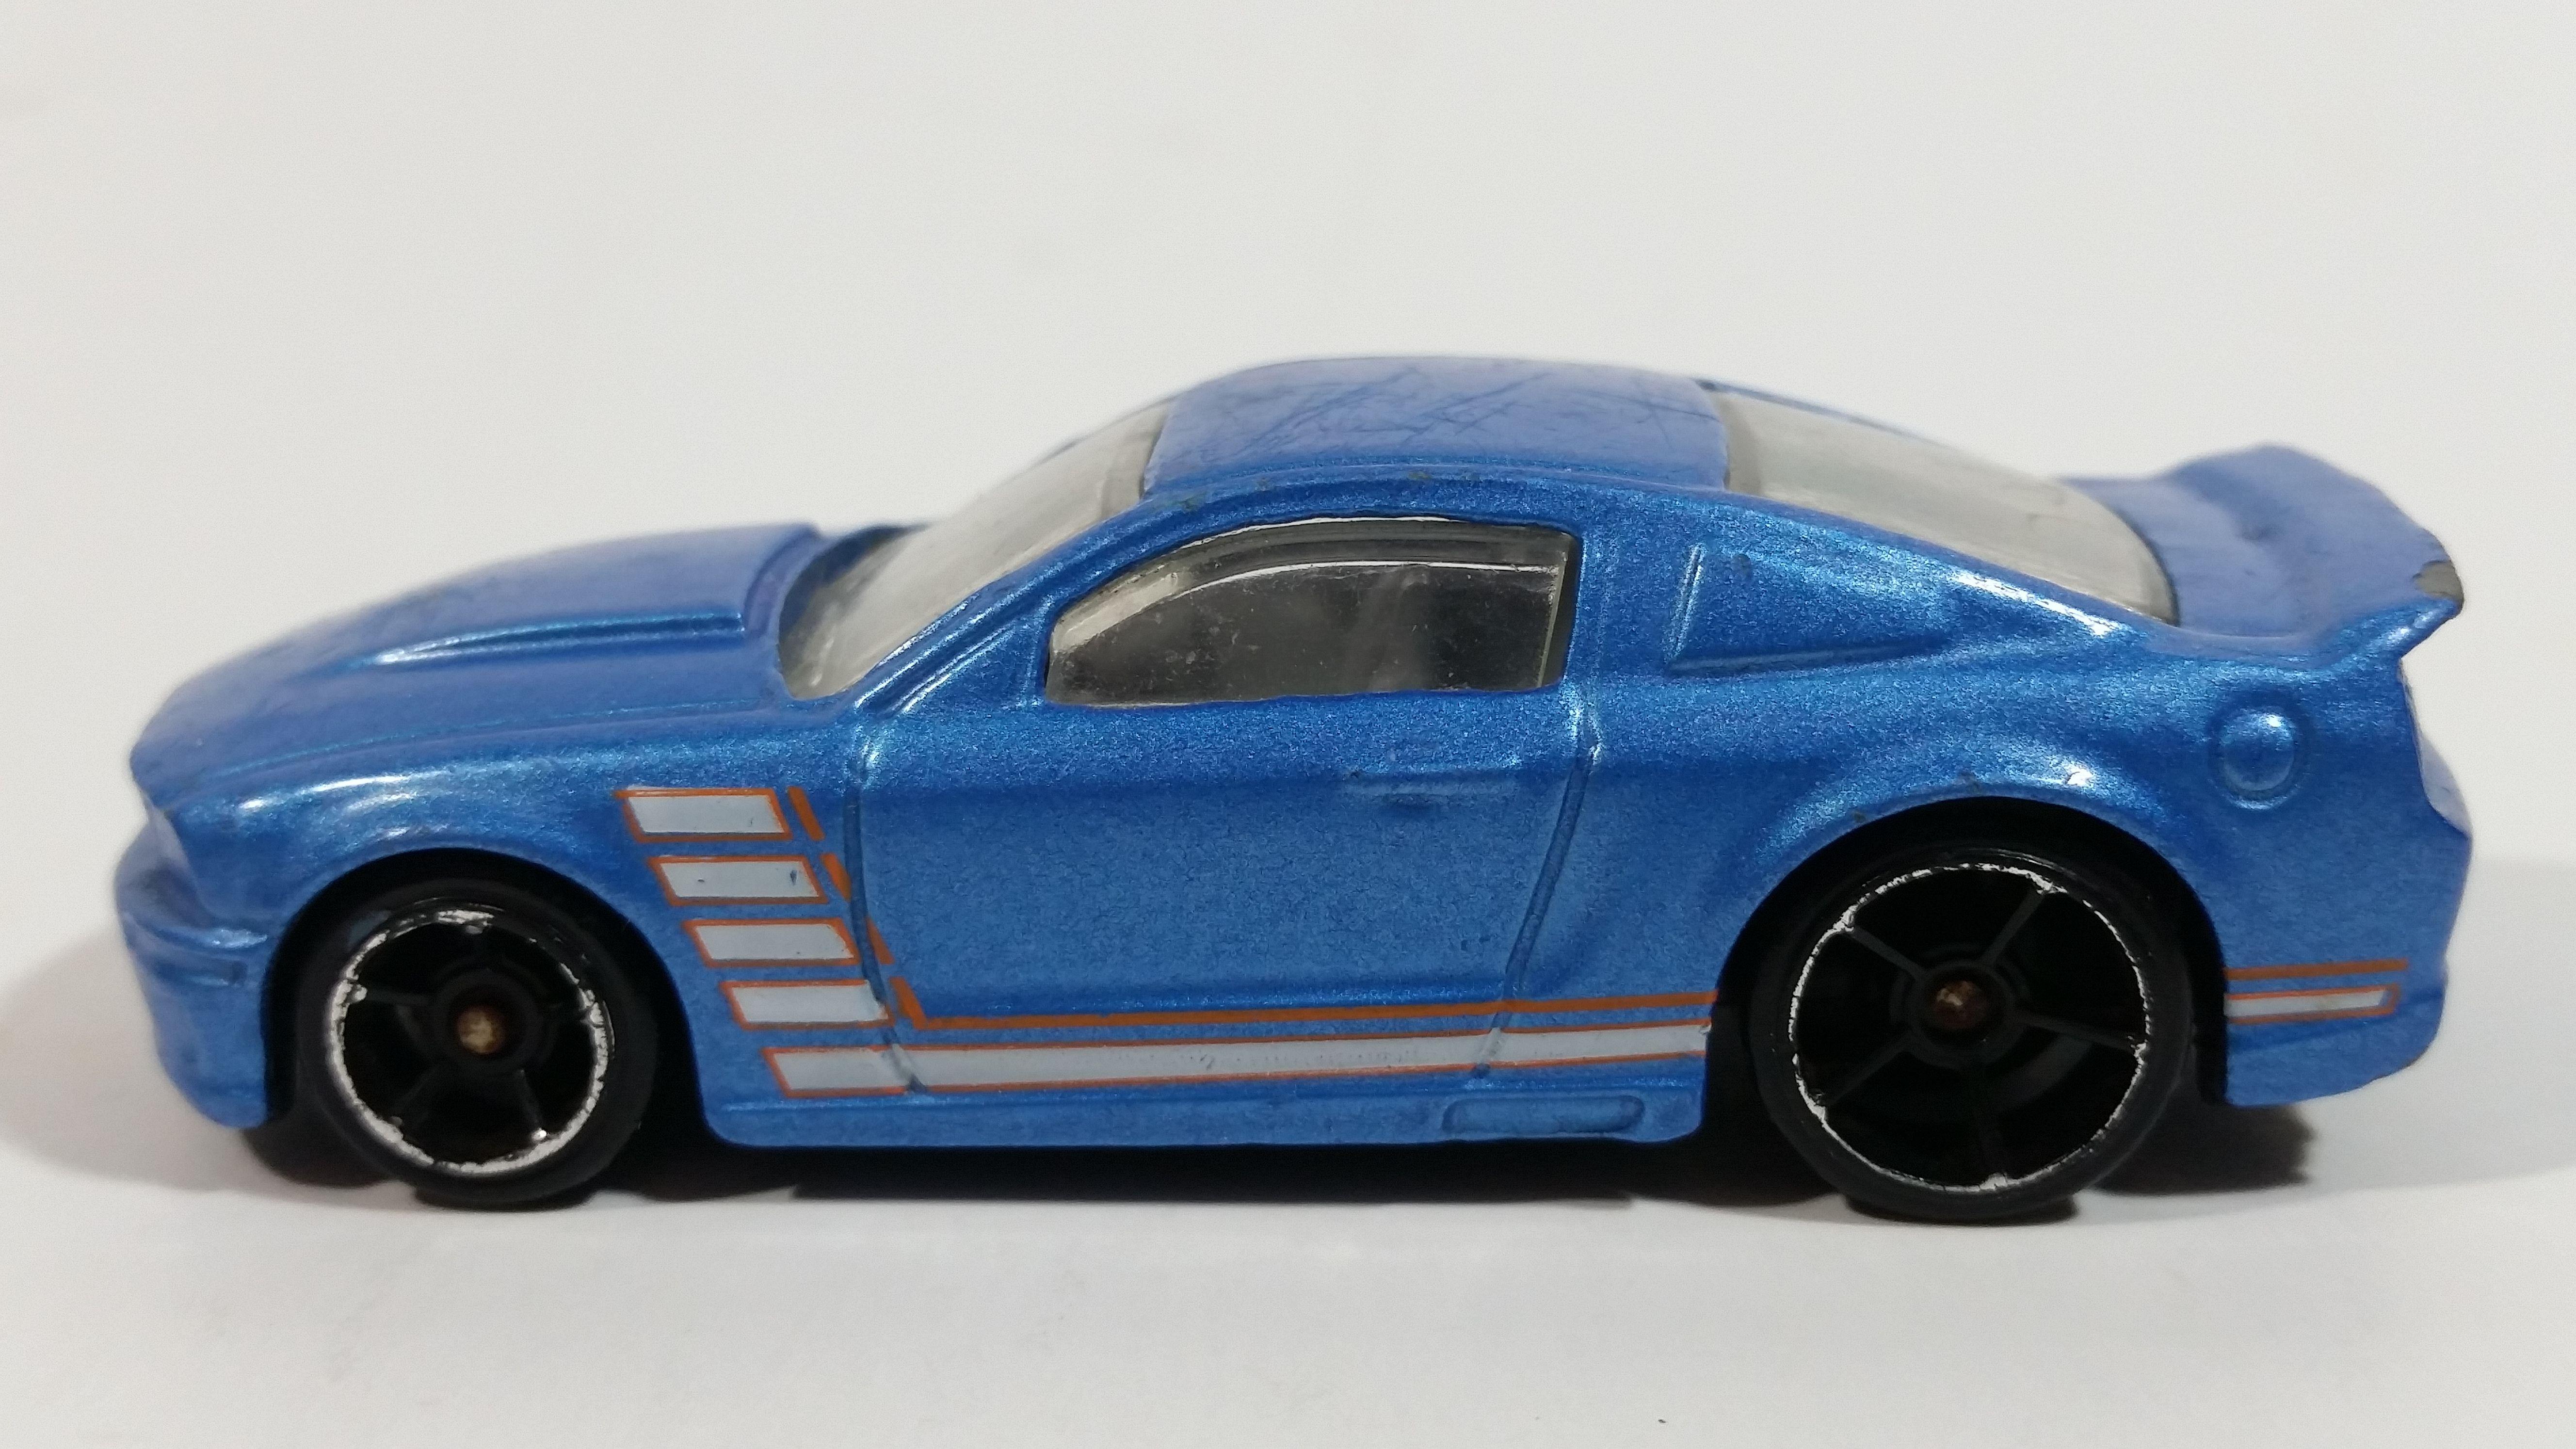 2009 Hot Wheels Mustang 45th Custom 07 Ford Mustang Blue Die Cast